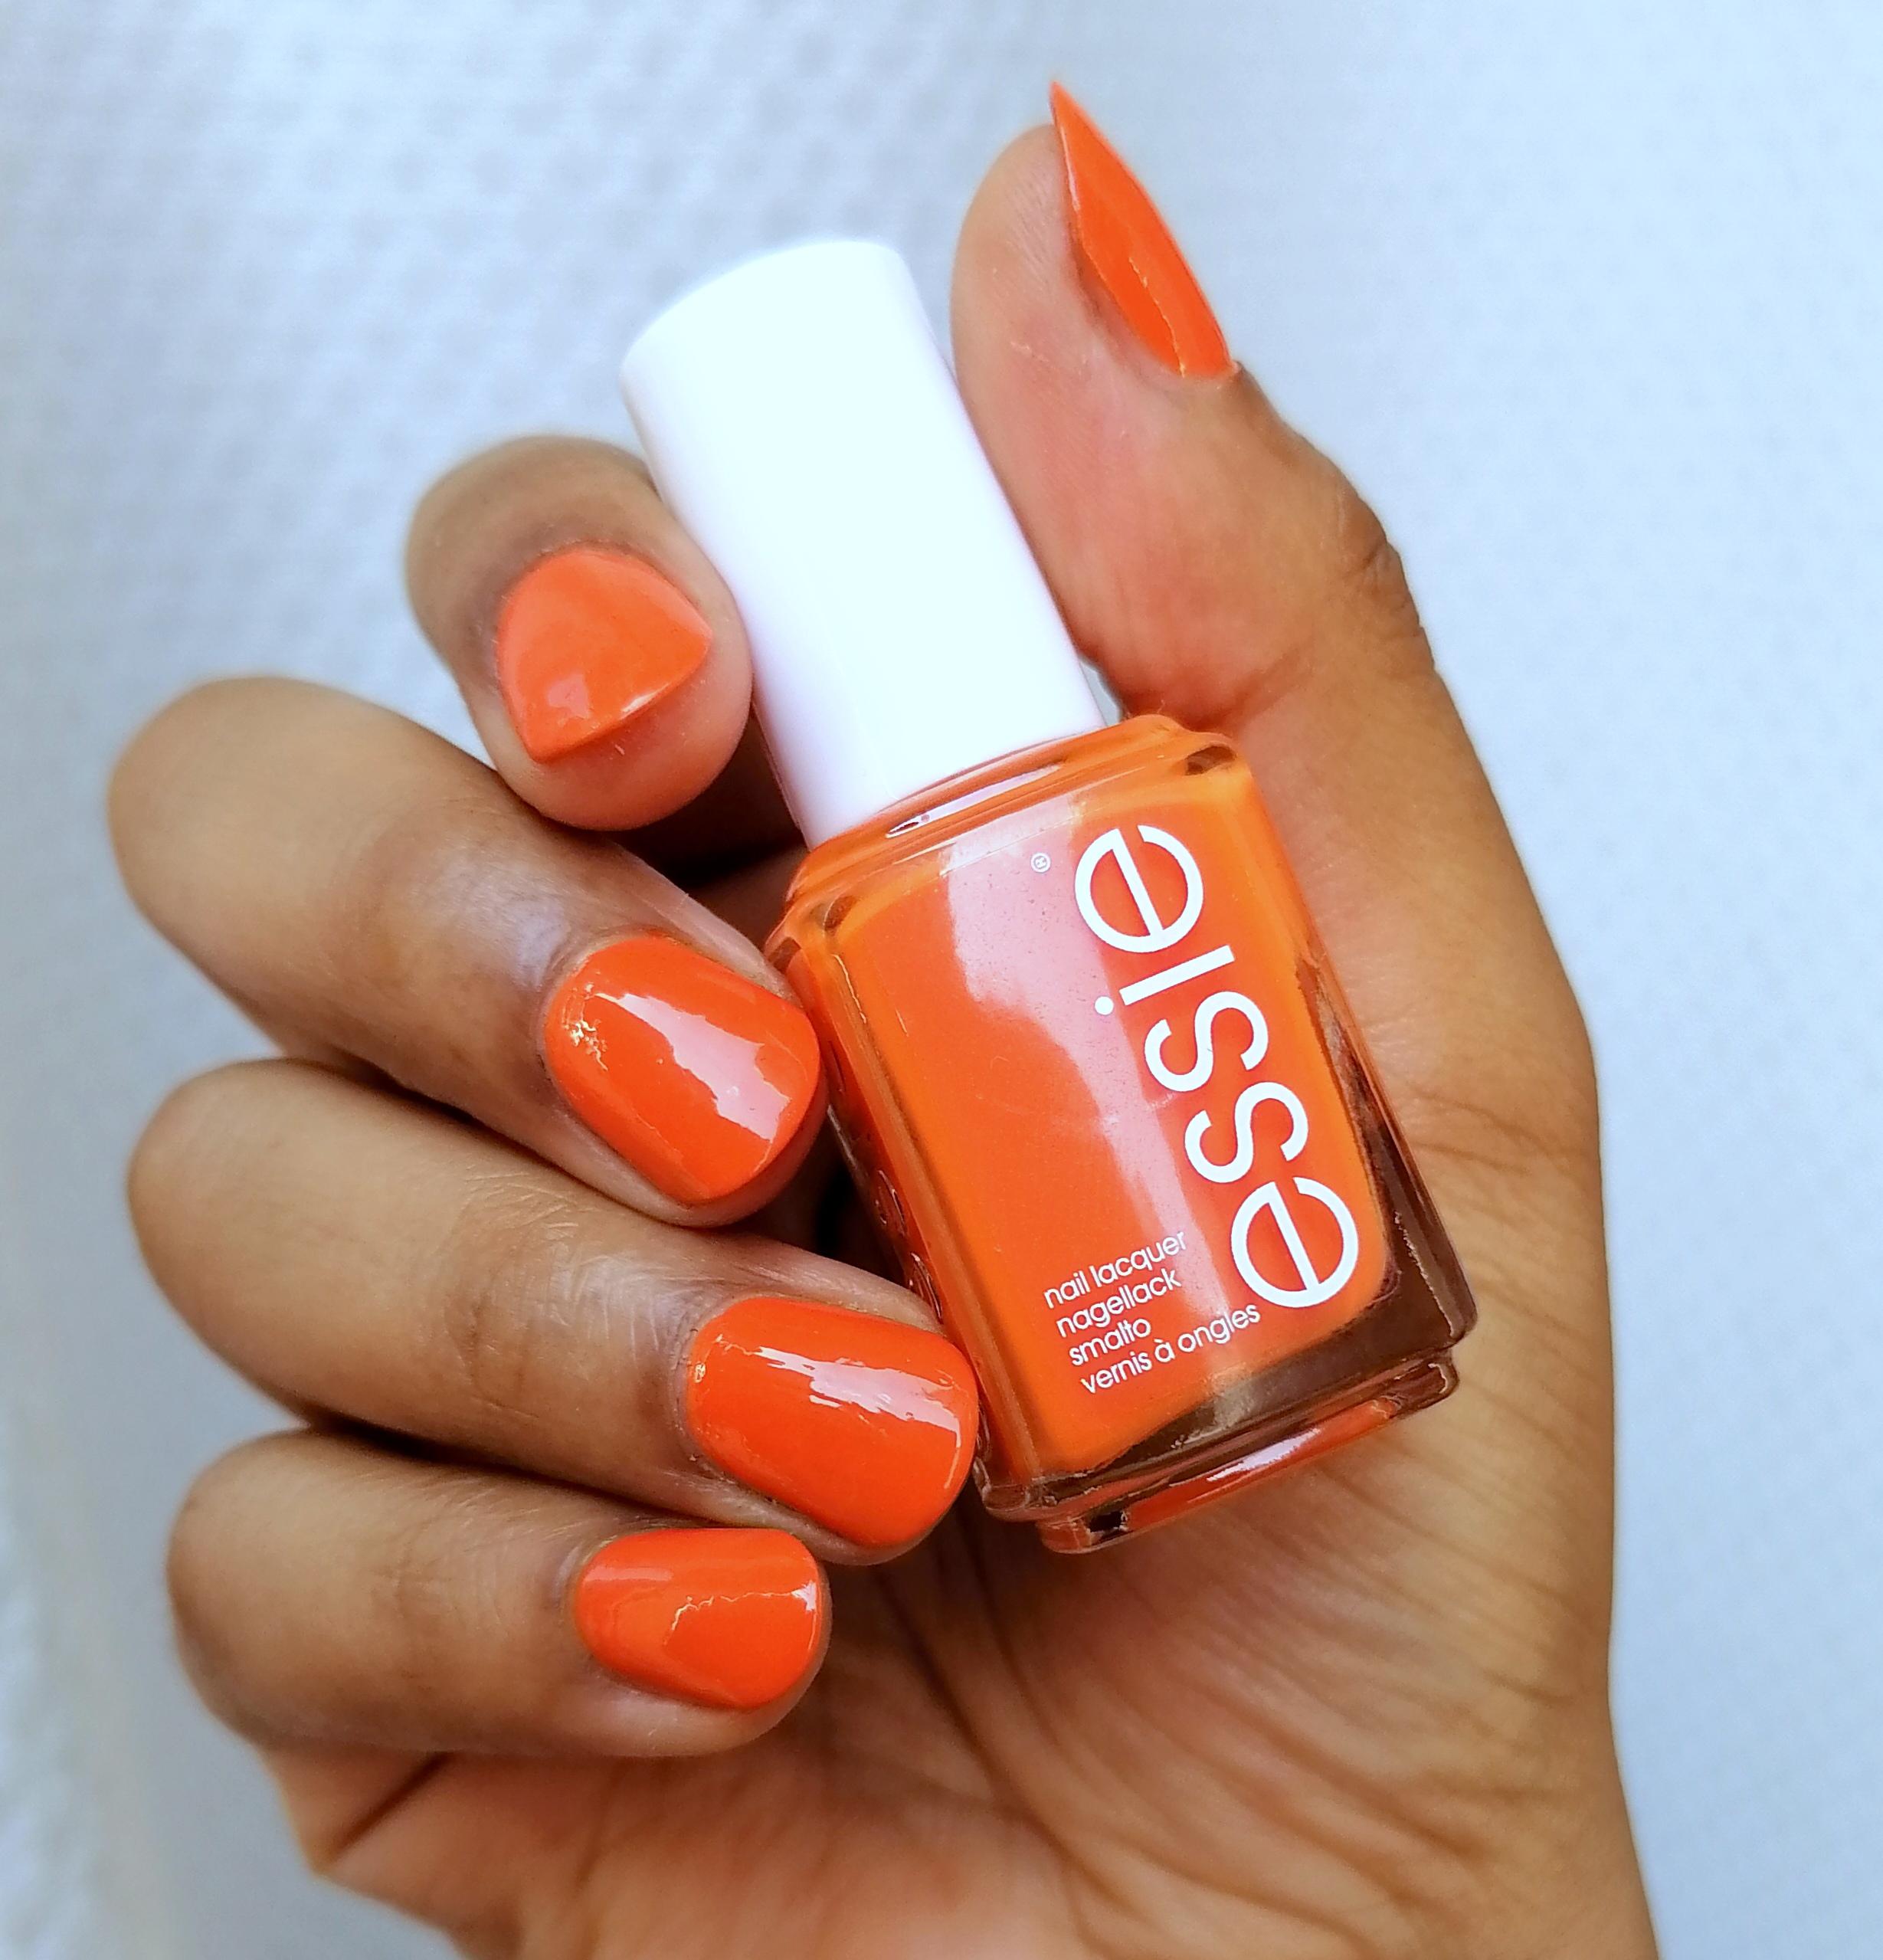 Essie - Tangerine Tease